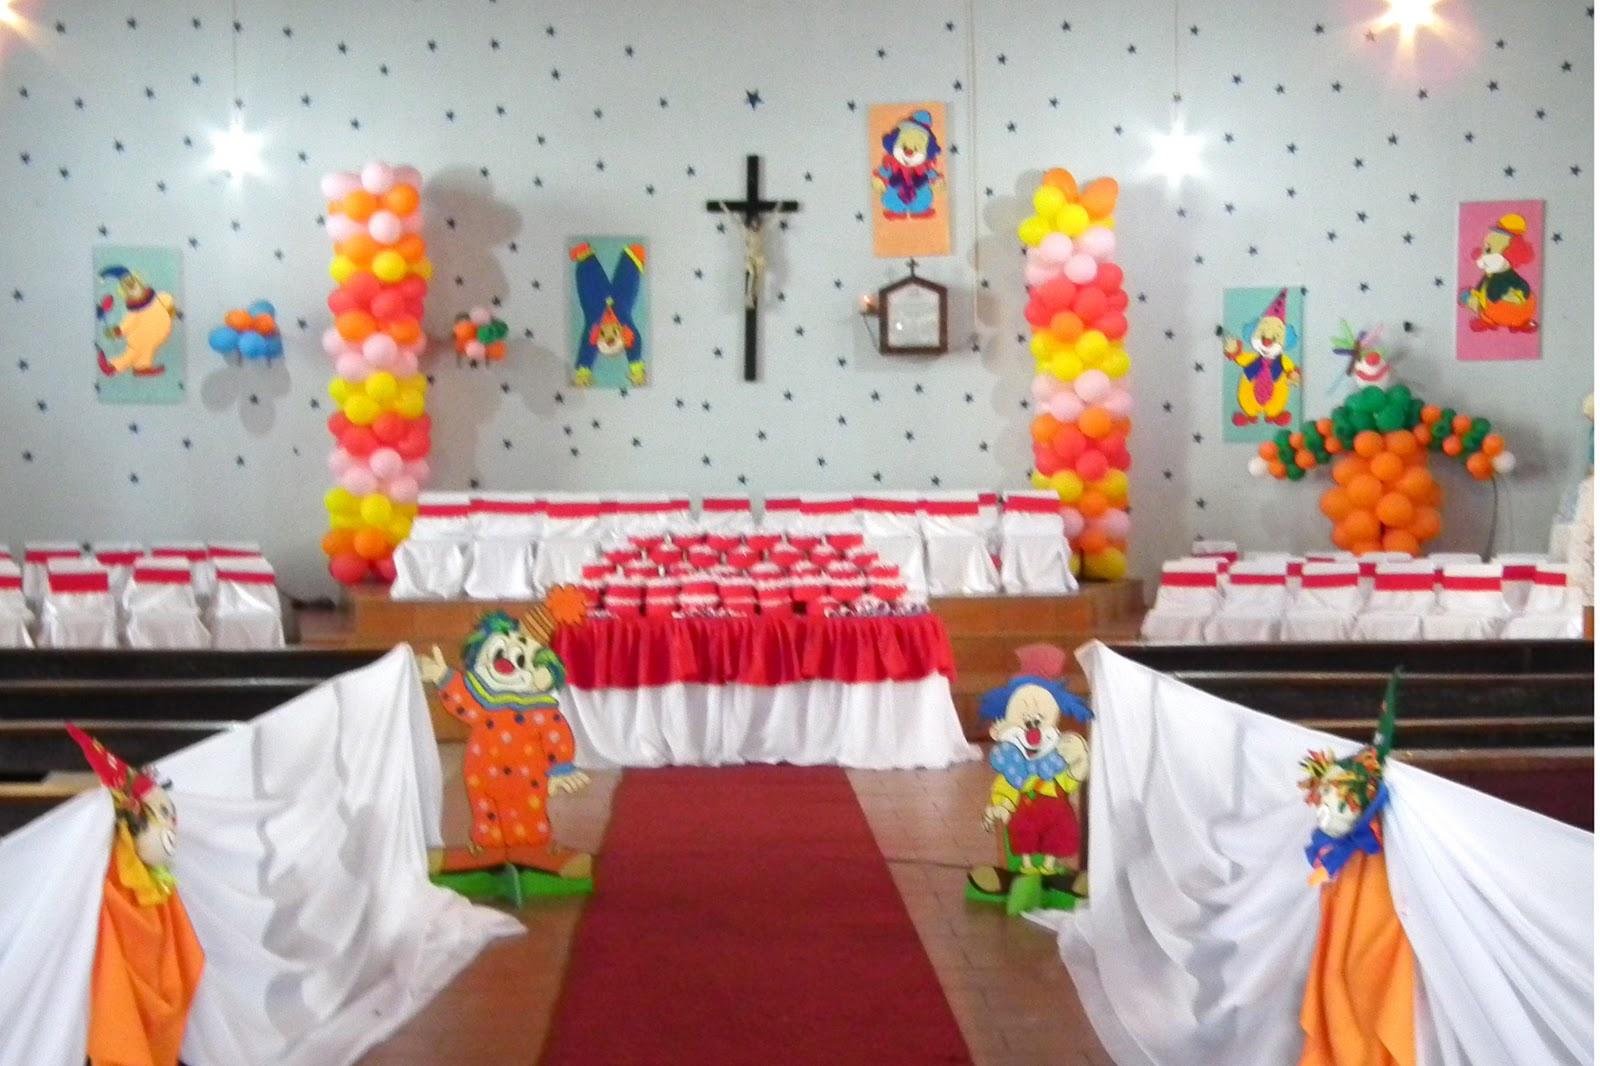 Viviane Decorações e Salão de Festas Decoração de Formatura de Educação Infa -> Decoracao Banheiro Educacao Infantil